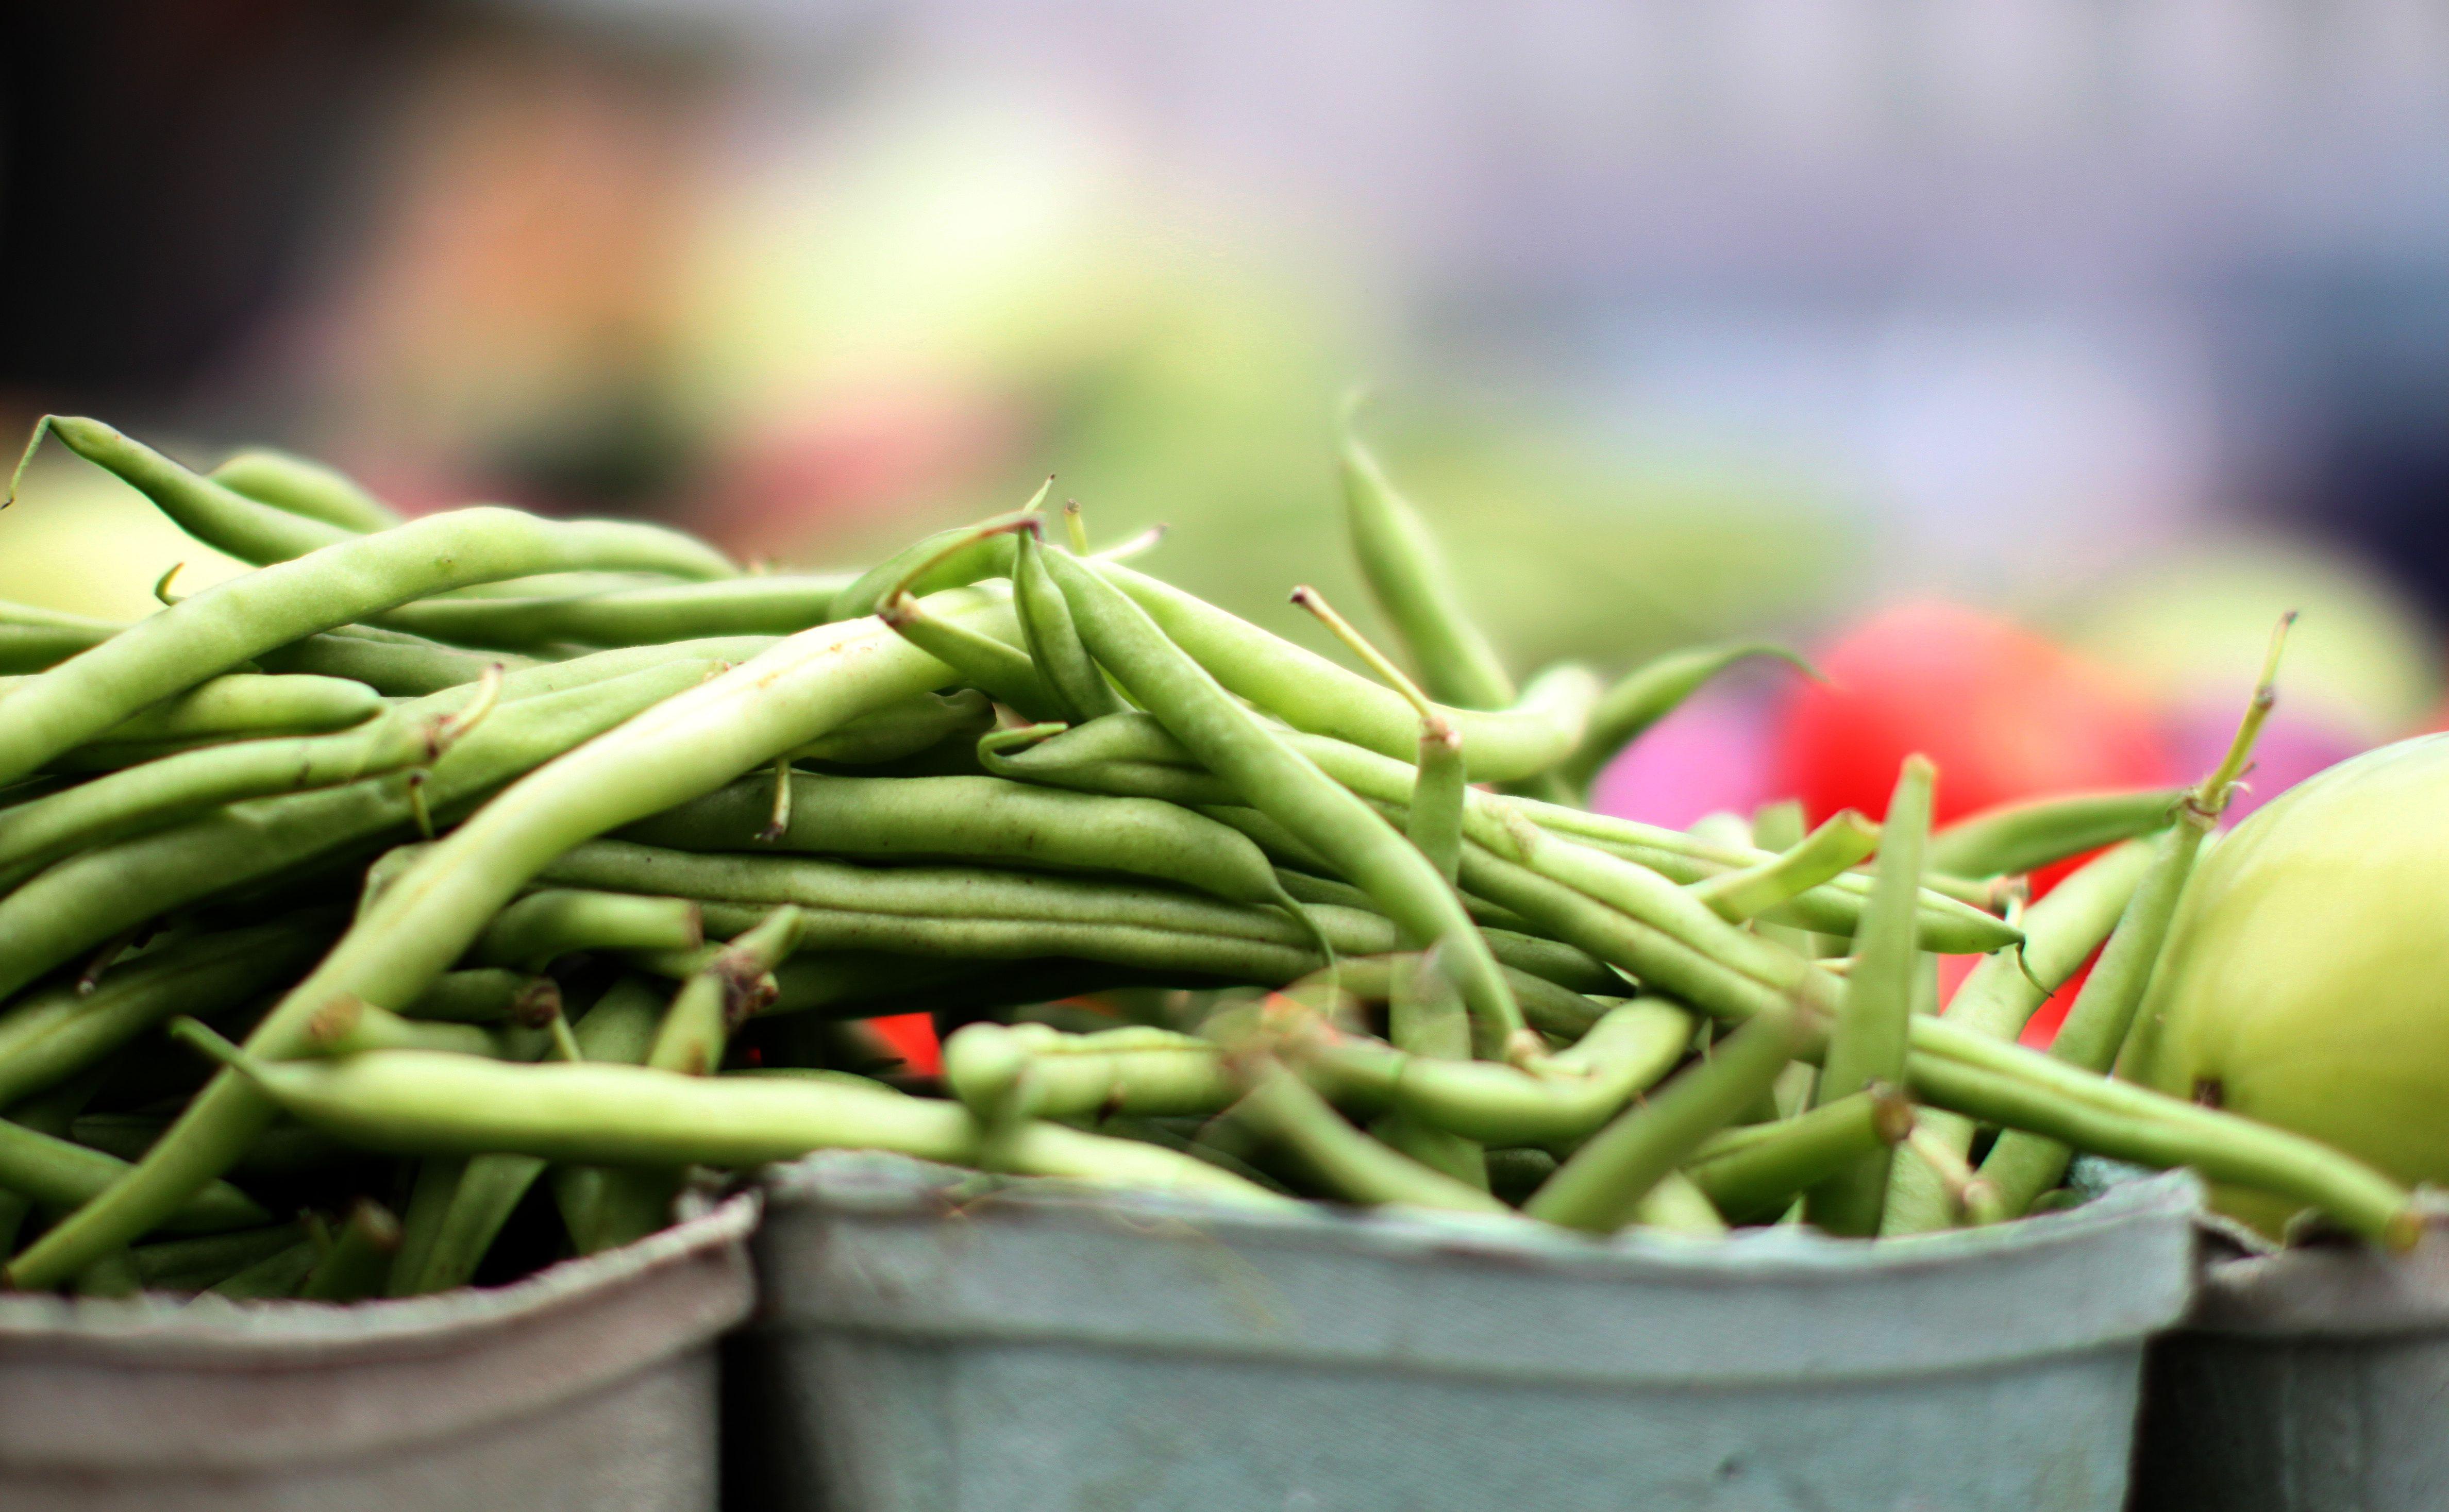 jak zdrowo się odżywiać bez przemyślenia